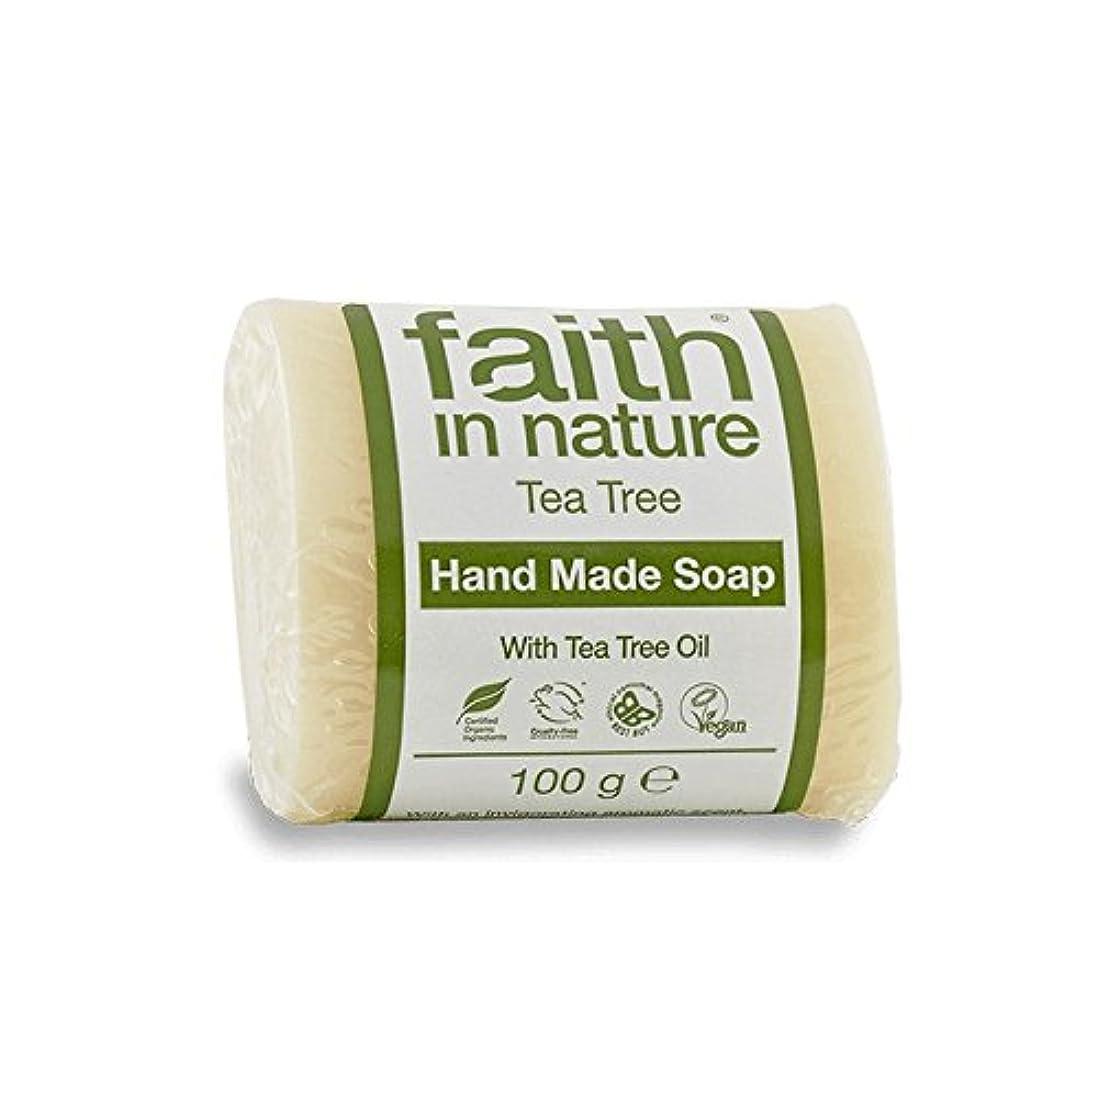 著者こするうんざり自然のティーツリーソープ100グラムの信仰 - Faith in Nature Tea Tree Soap 100g (Faith in Nature) [並行輸入品]